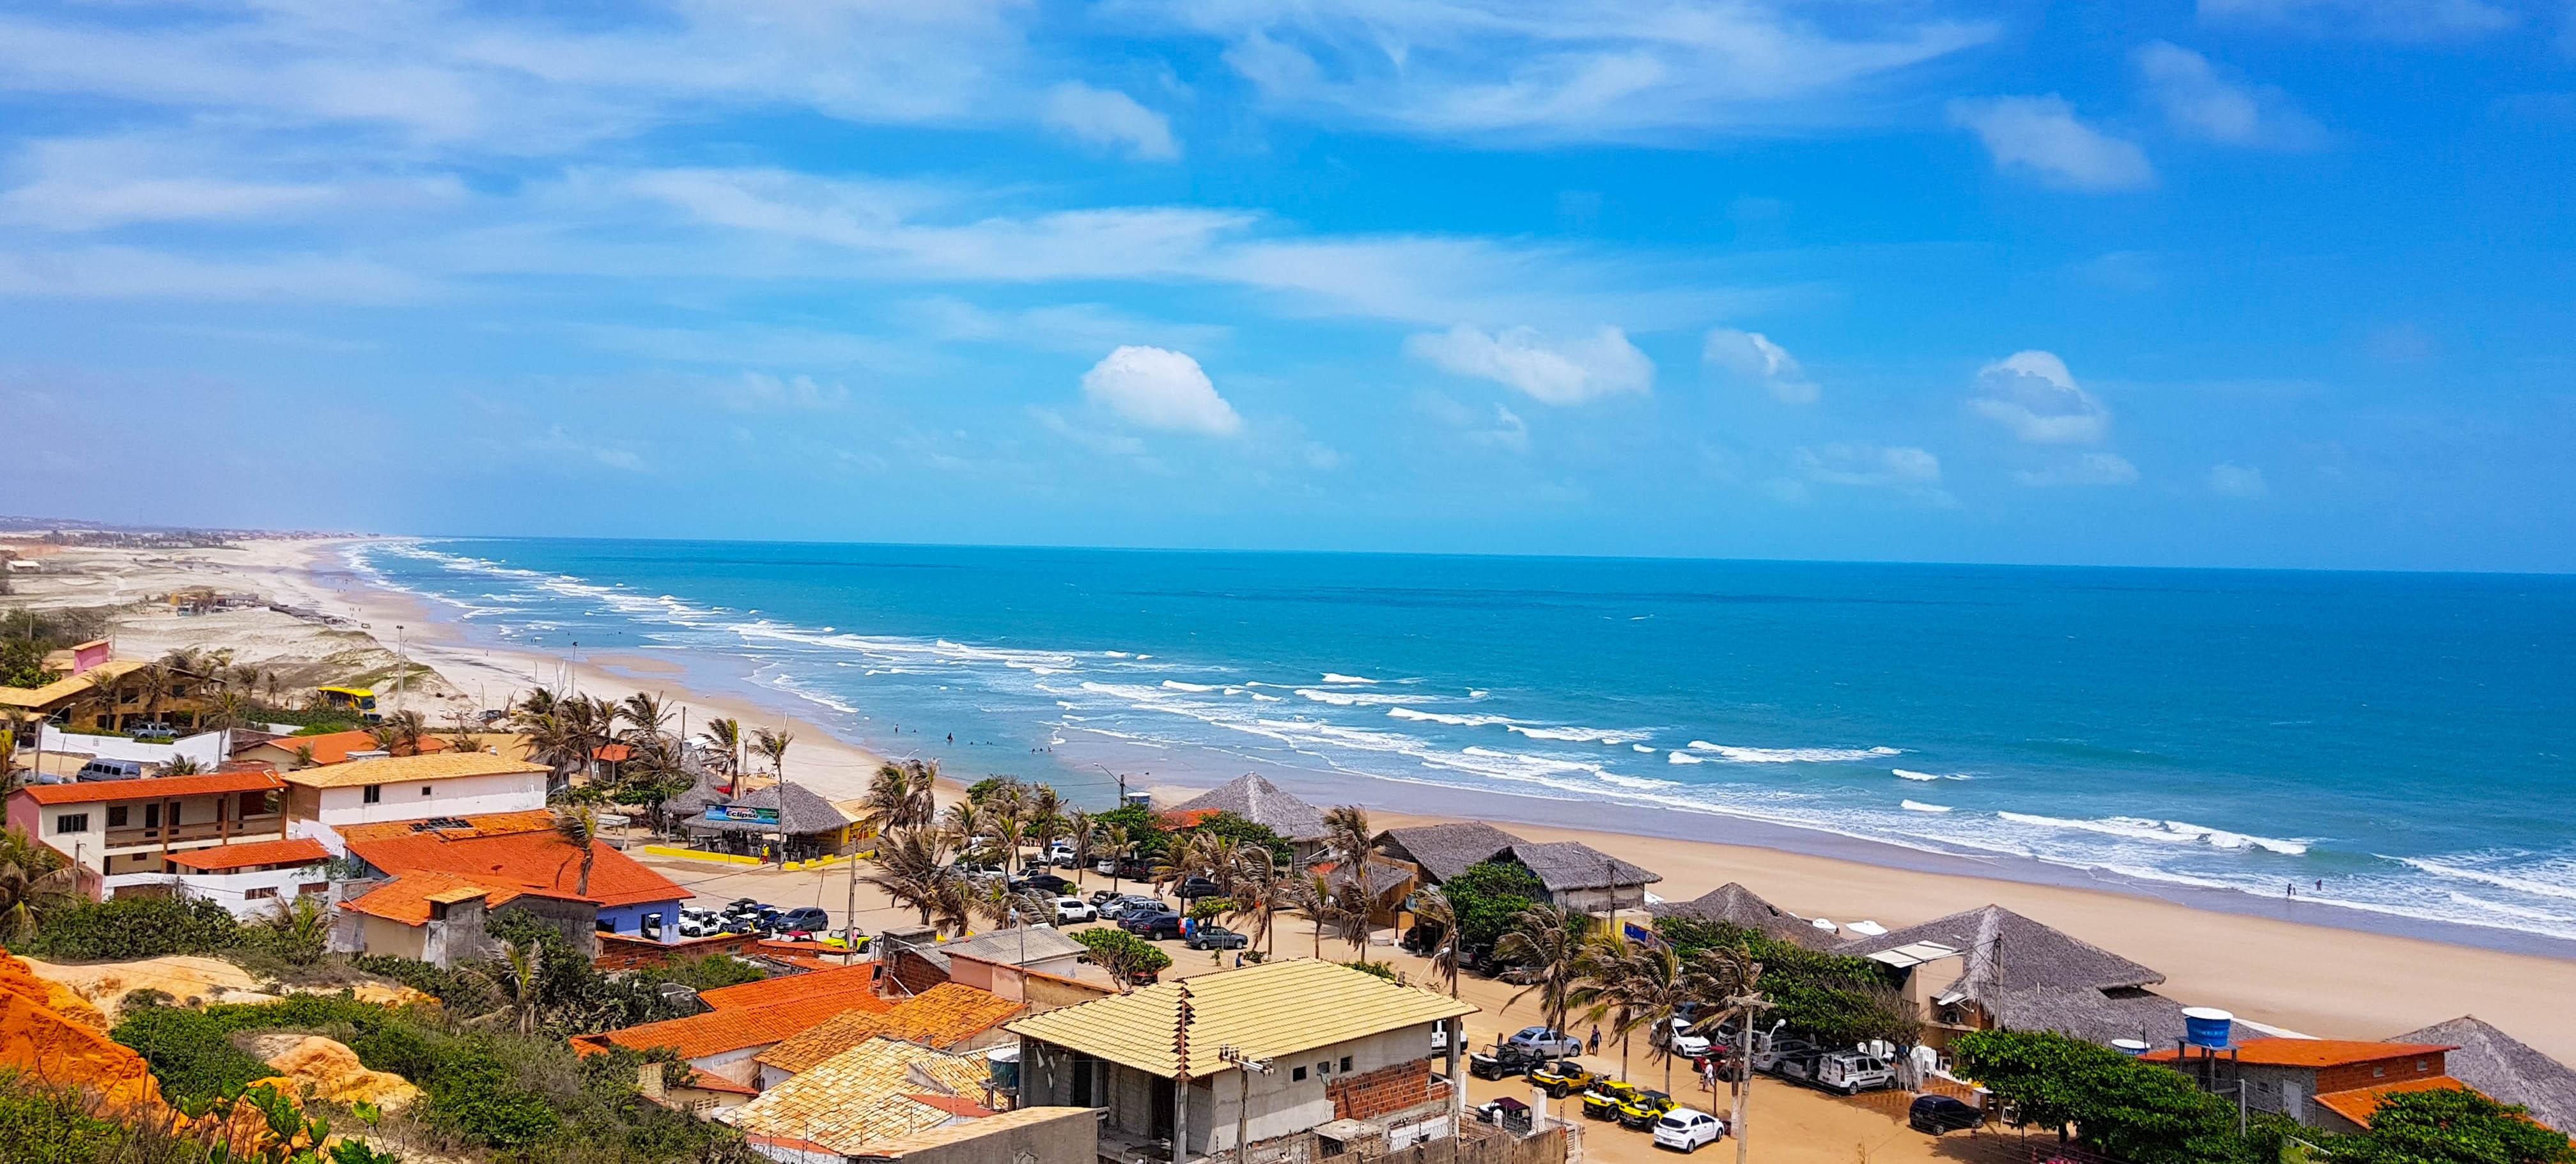 Бразилія Форталеза